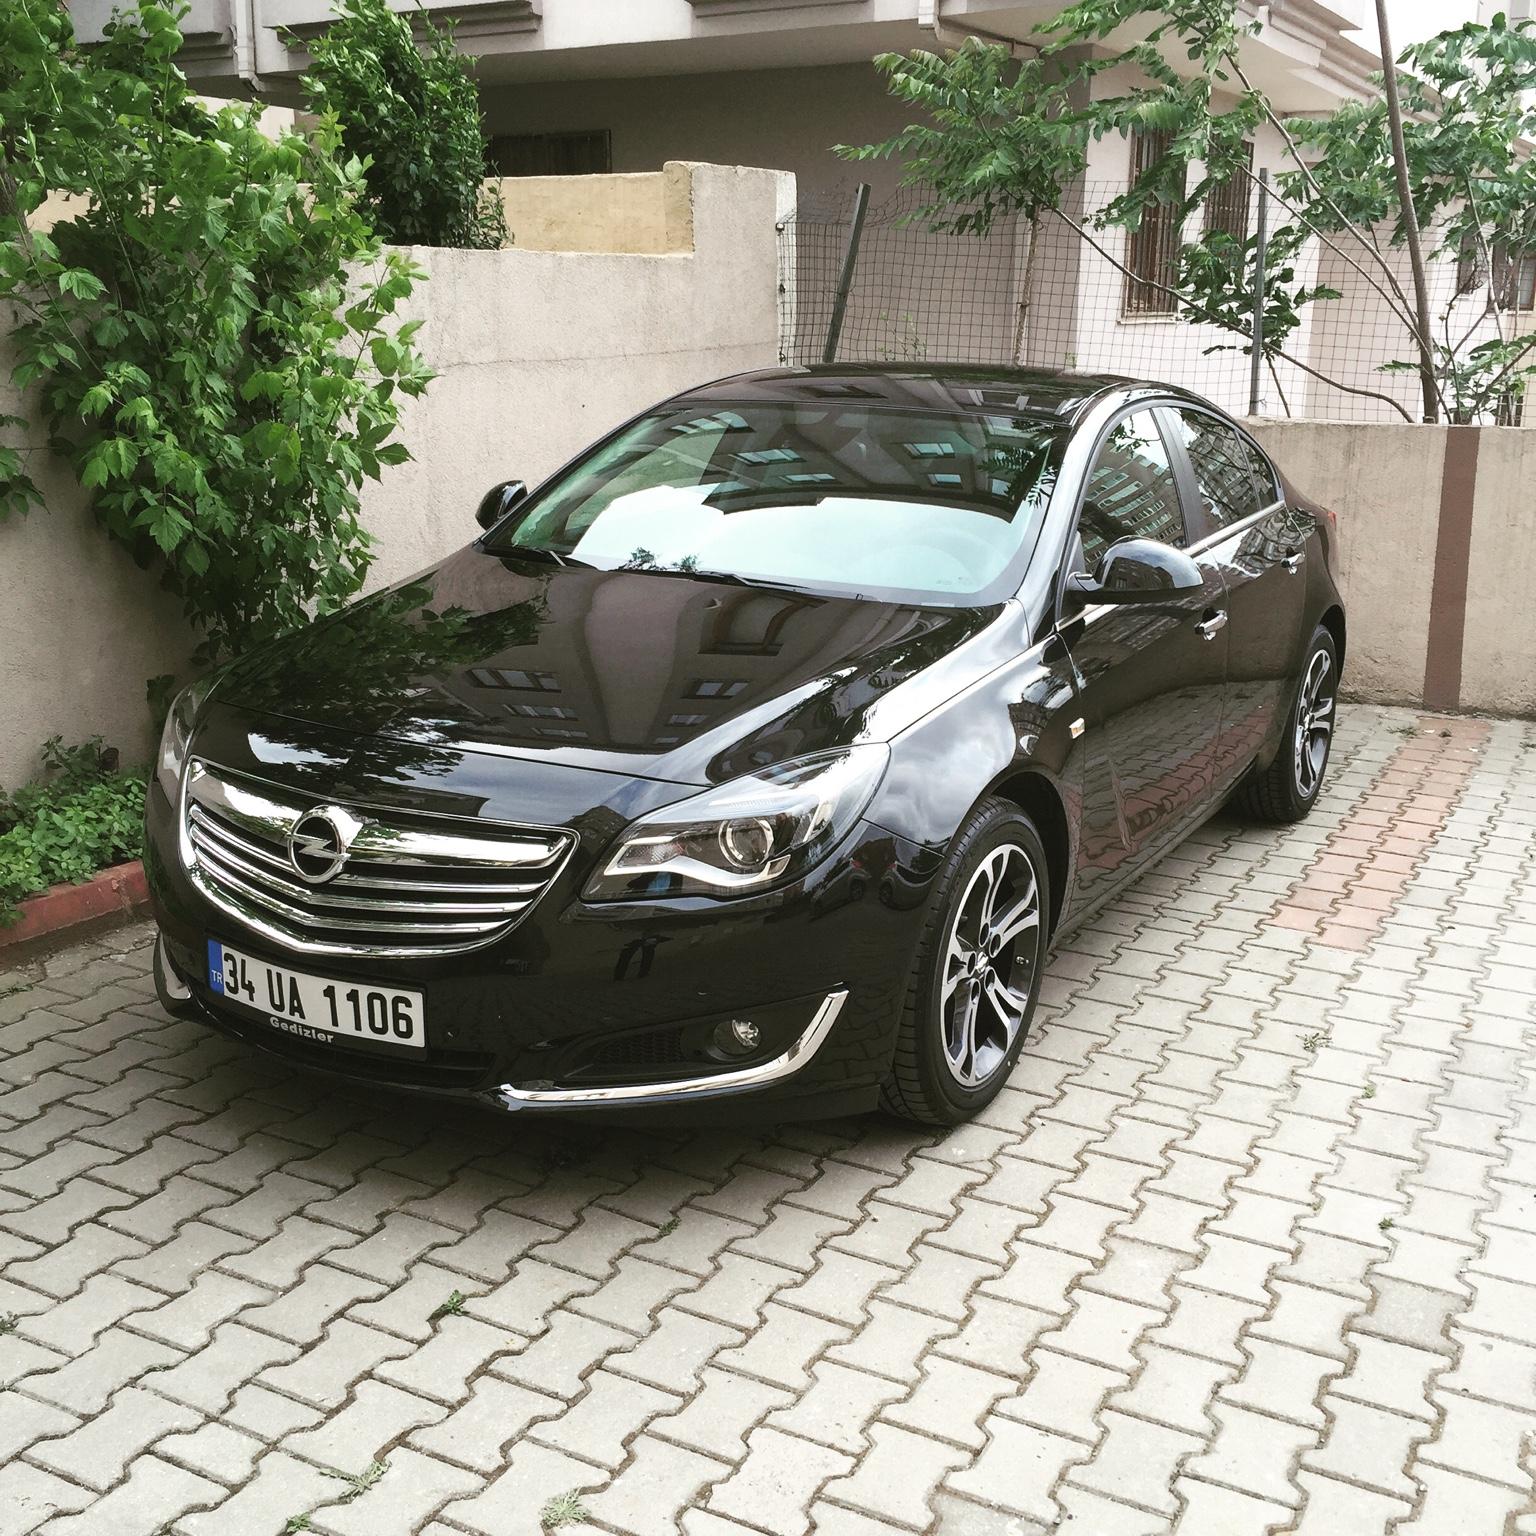 Satilik 2015 Trafik Cikisli Opel Insignia 3000 Km